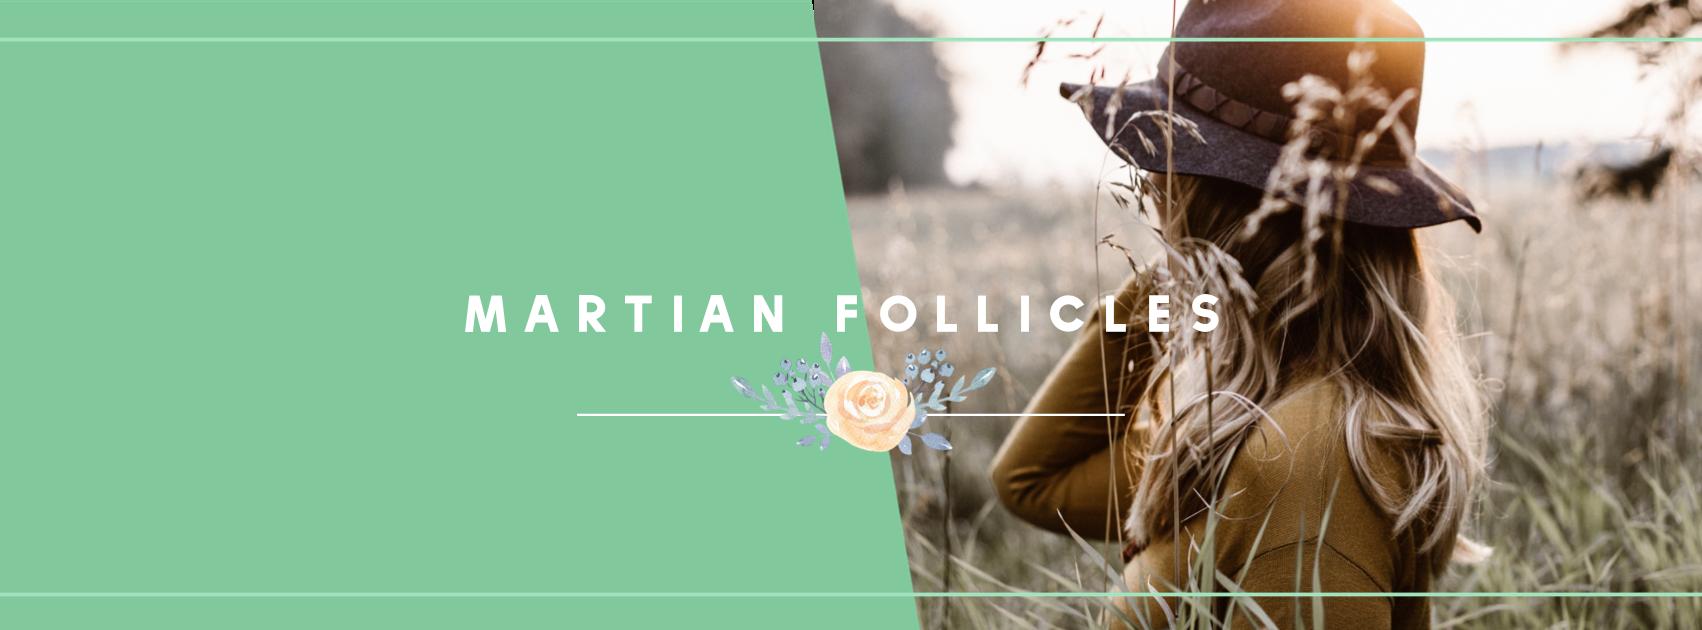 martian-follicles-banner